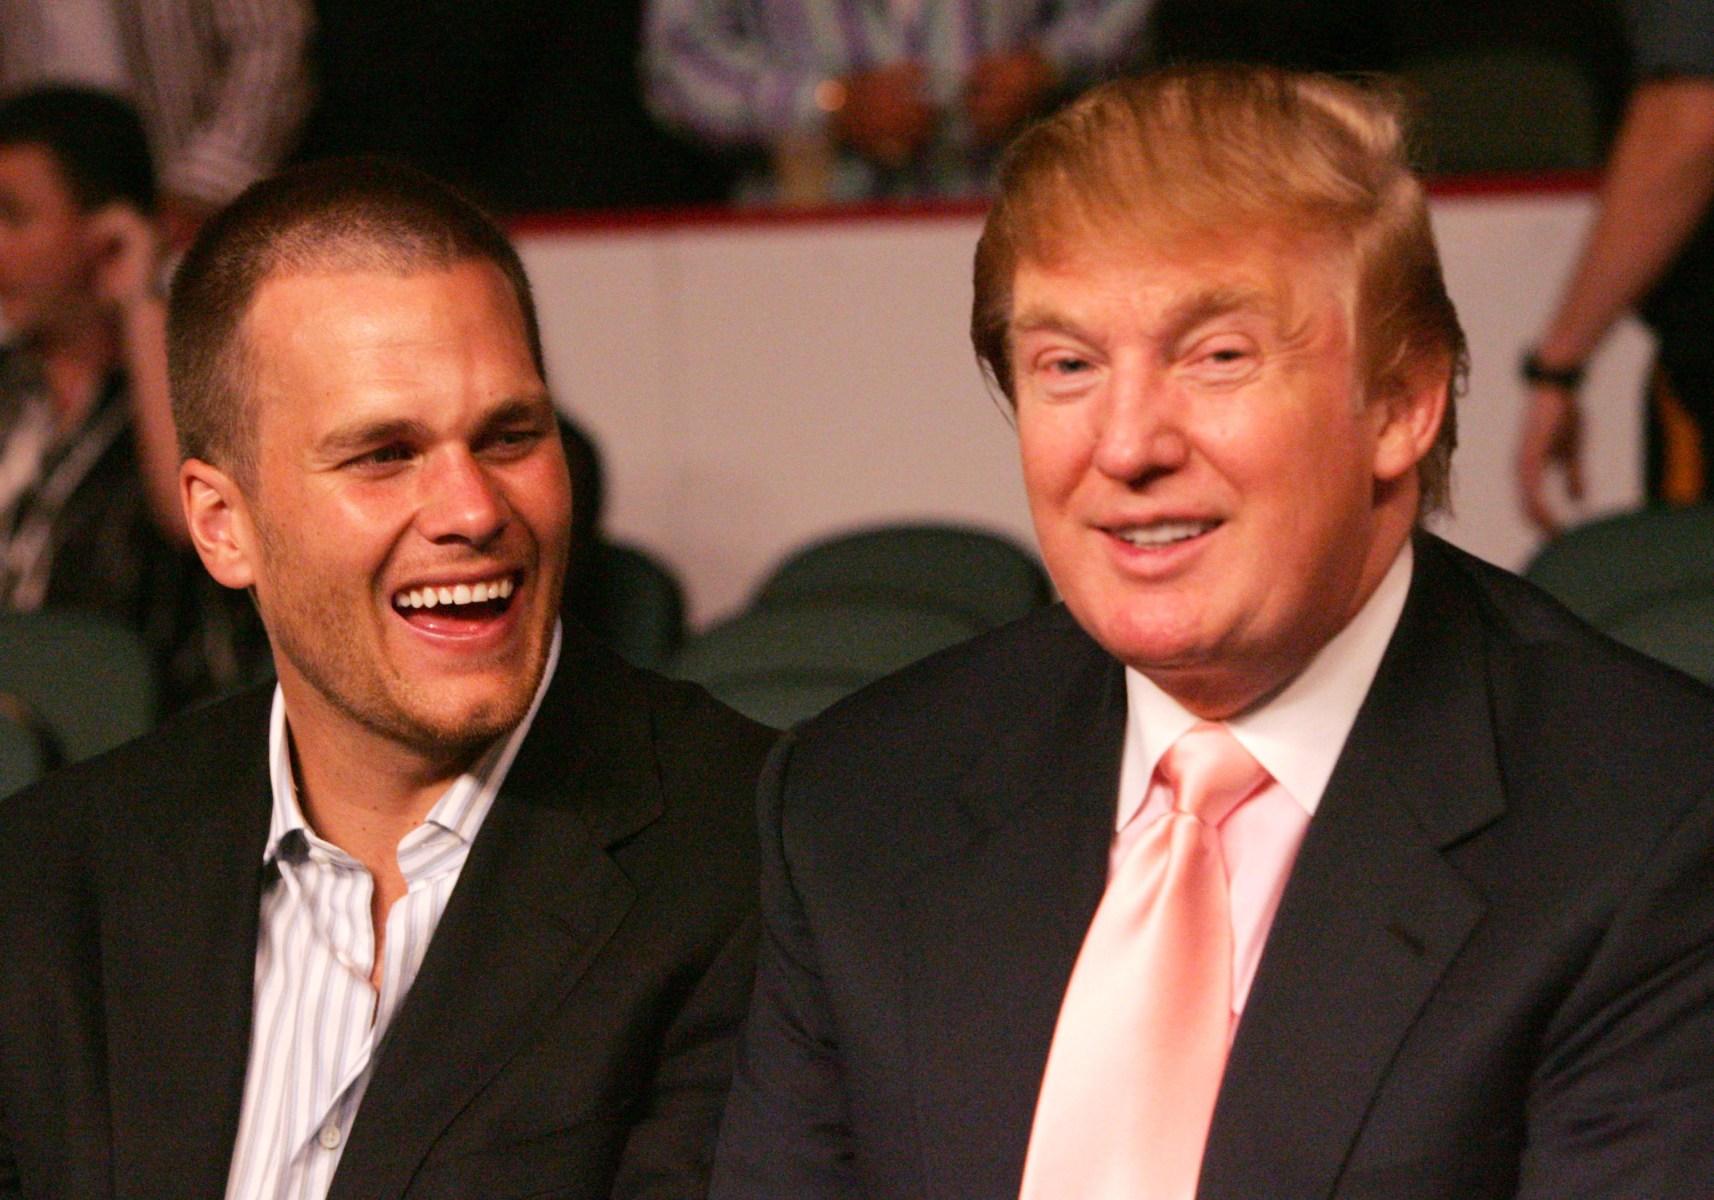 Brady patriots trump